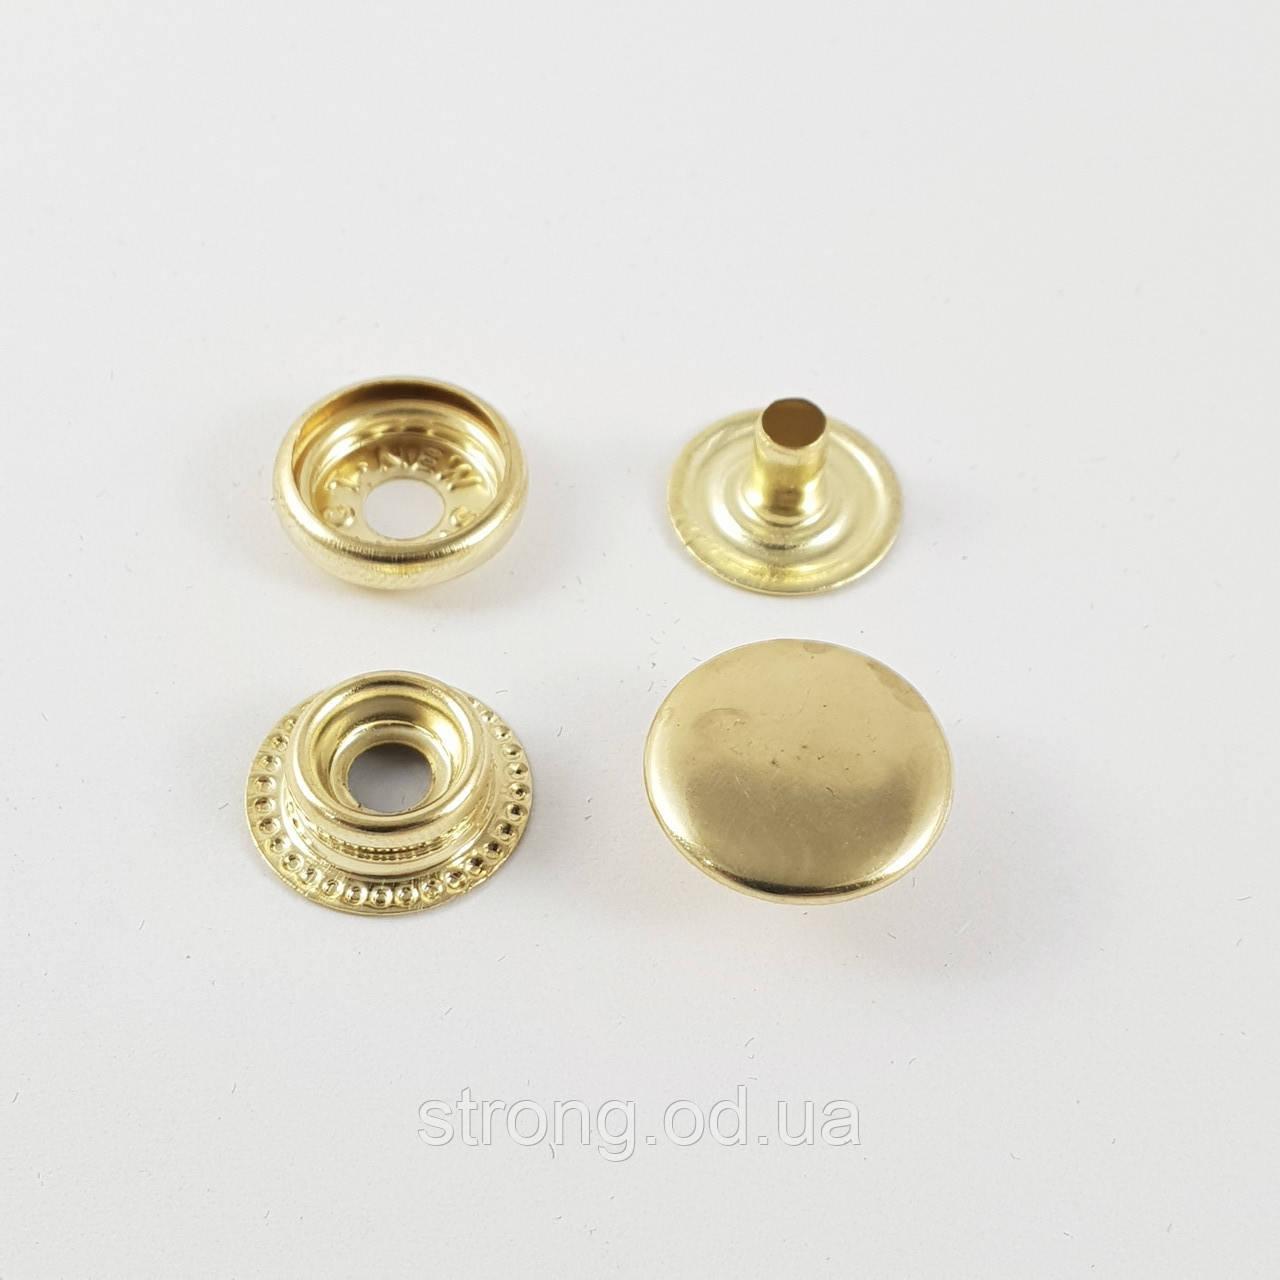 Кнопка №61 15мм Золото (720шт.)